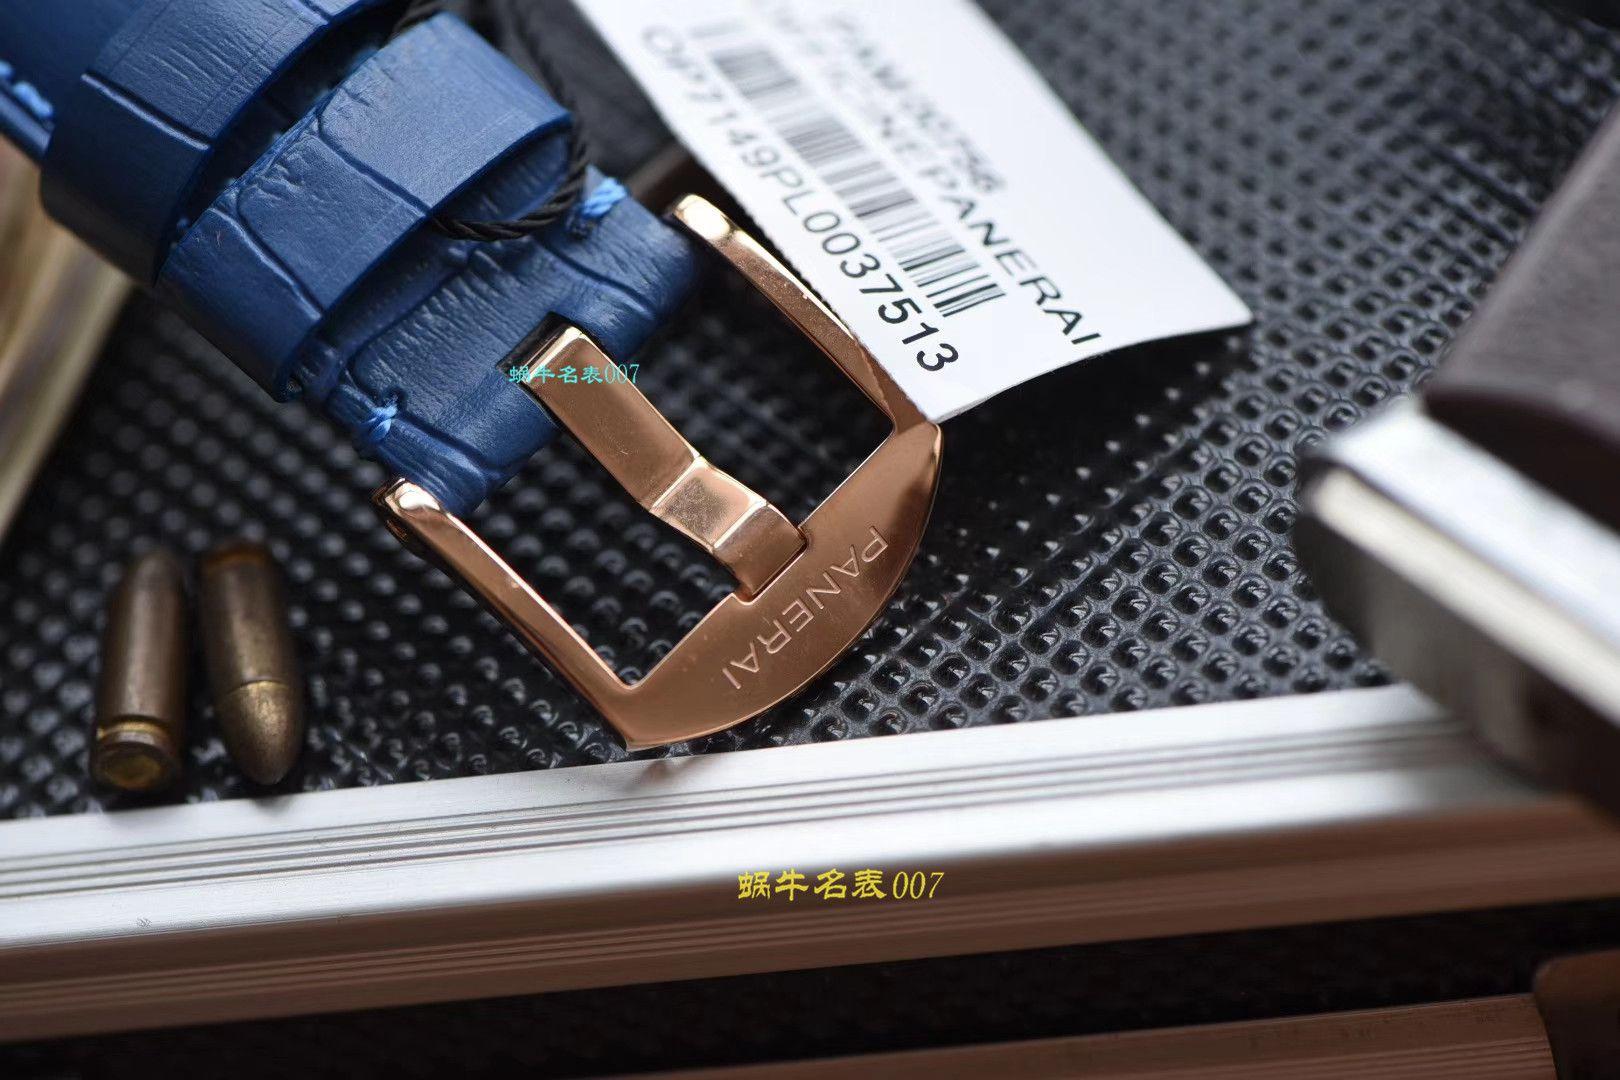 【视频评测VS厂顶级复刻沛纳海女表】沛纳海LUMINOR DUE系列PAM00756腕表